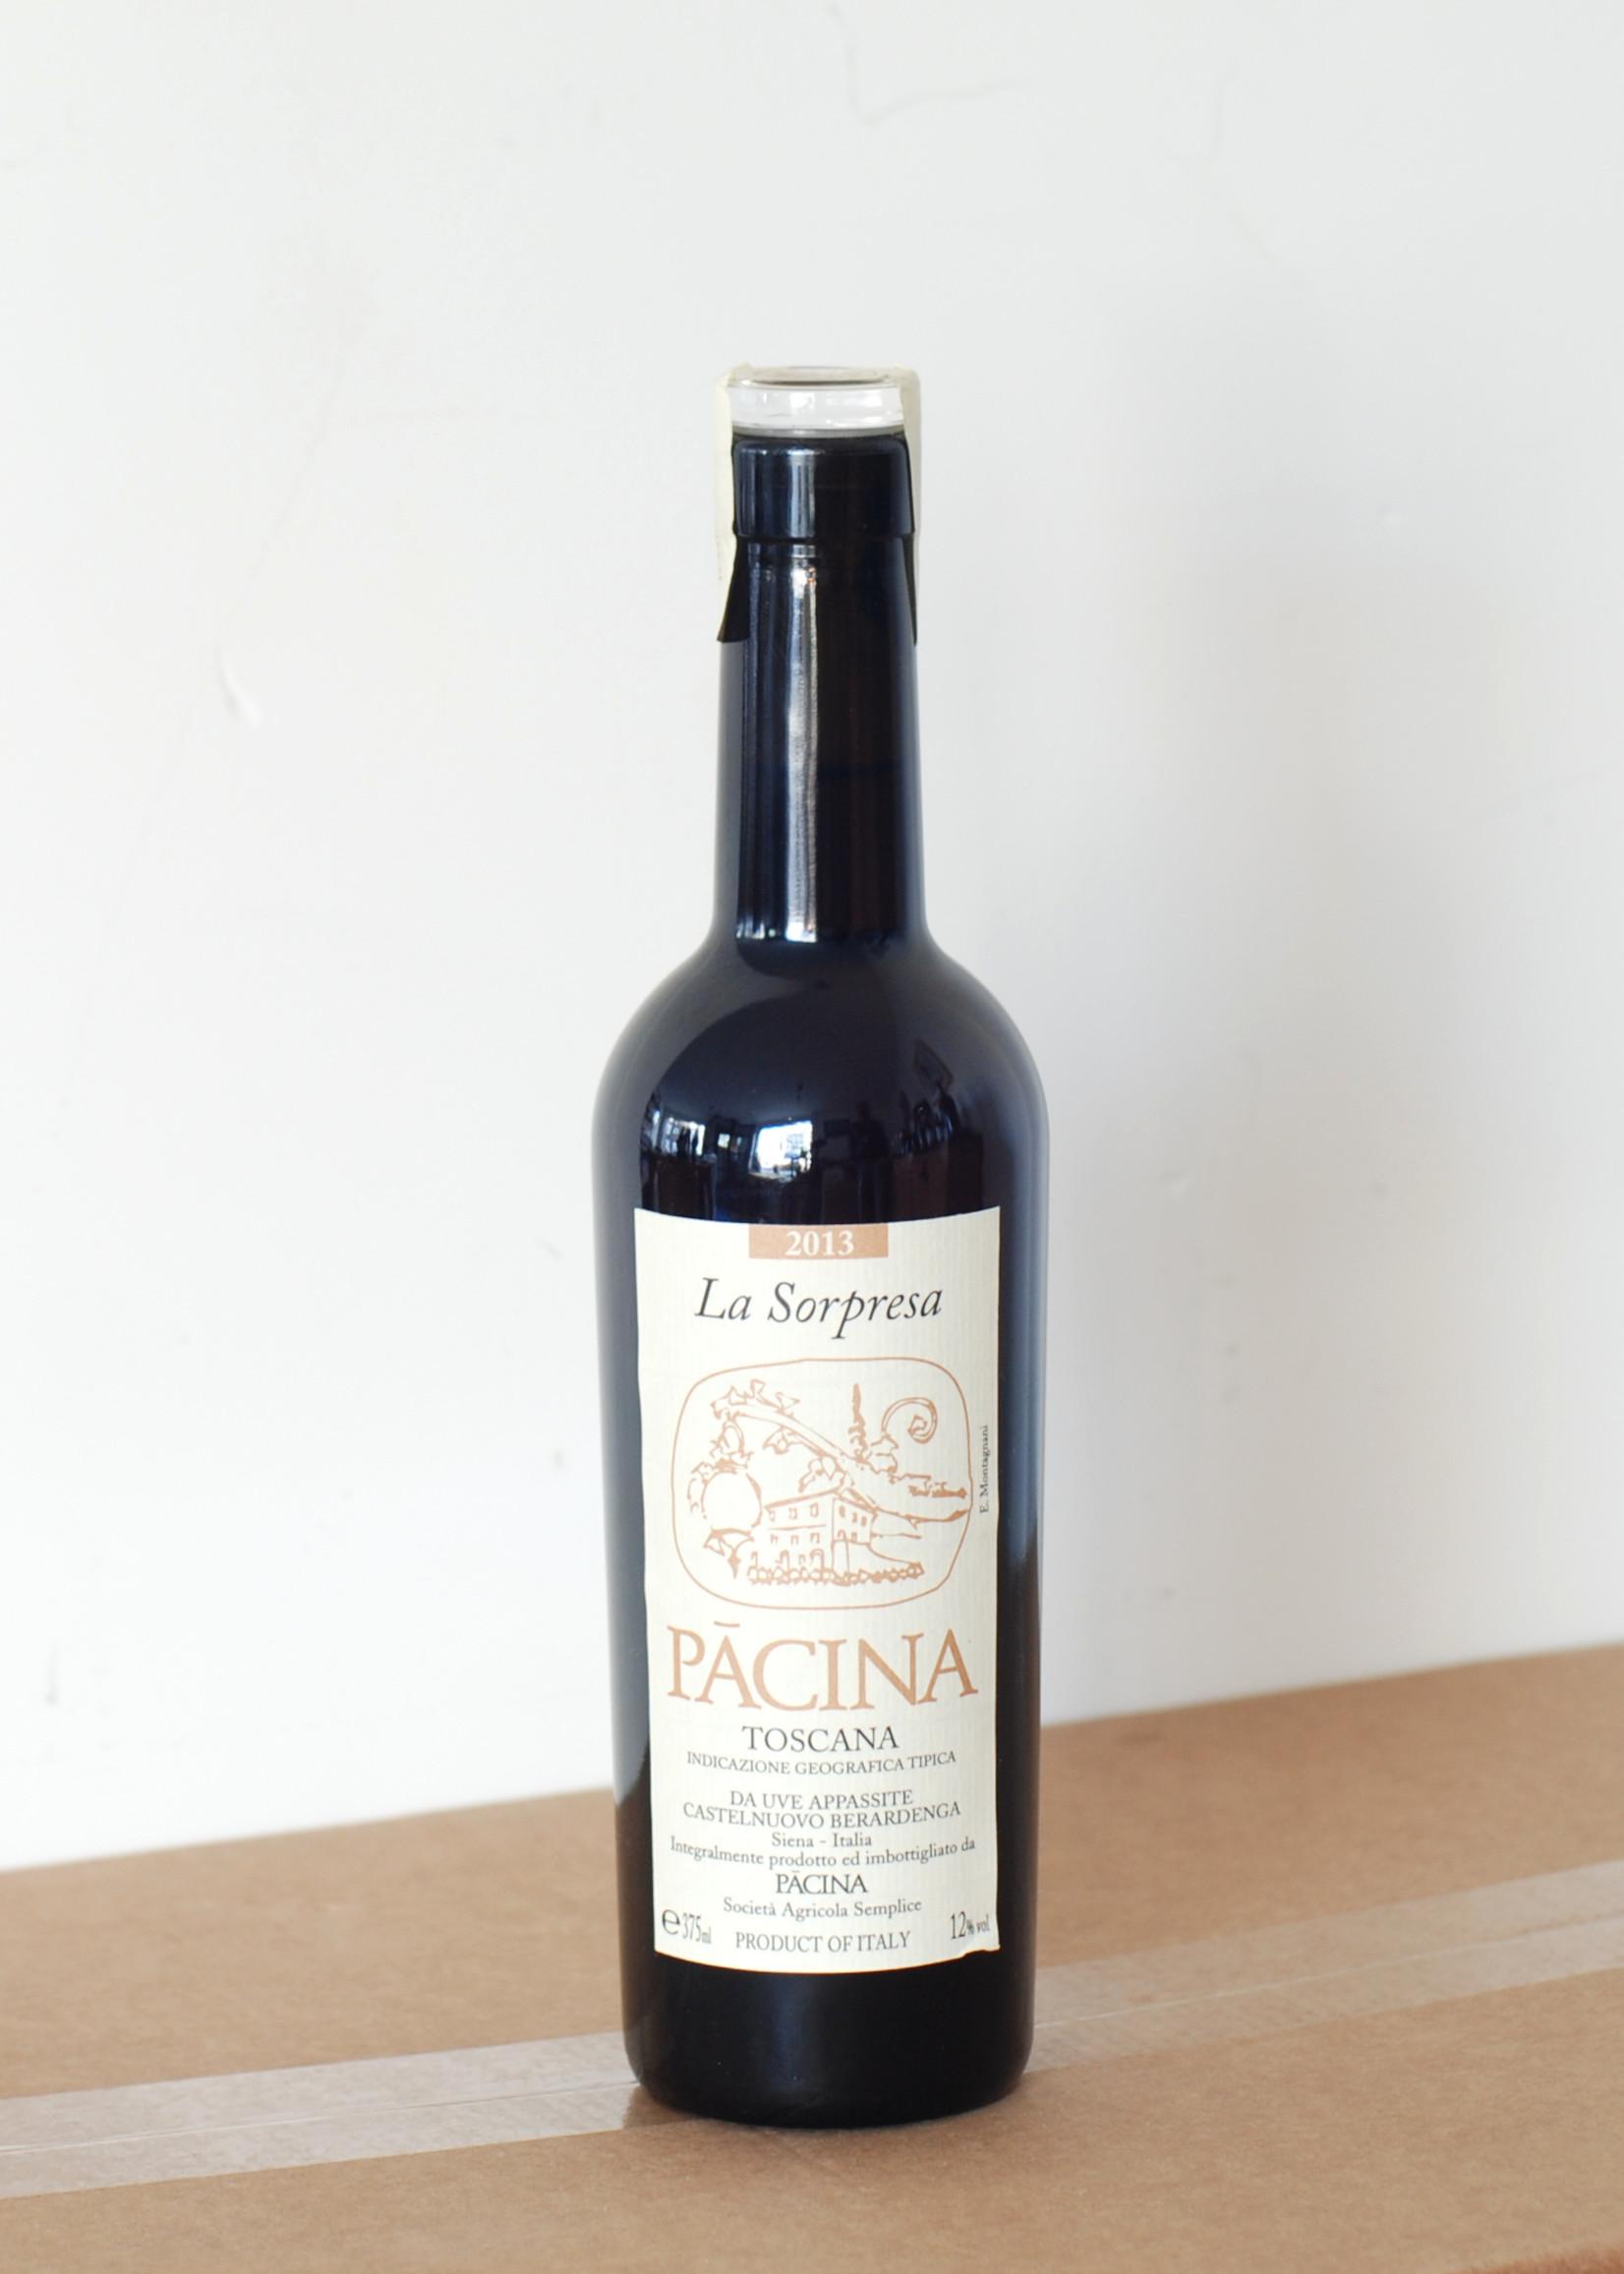 Pacina Pacina - La Sorpresa 2013